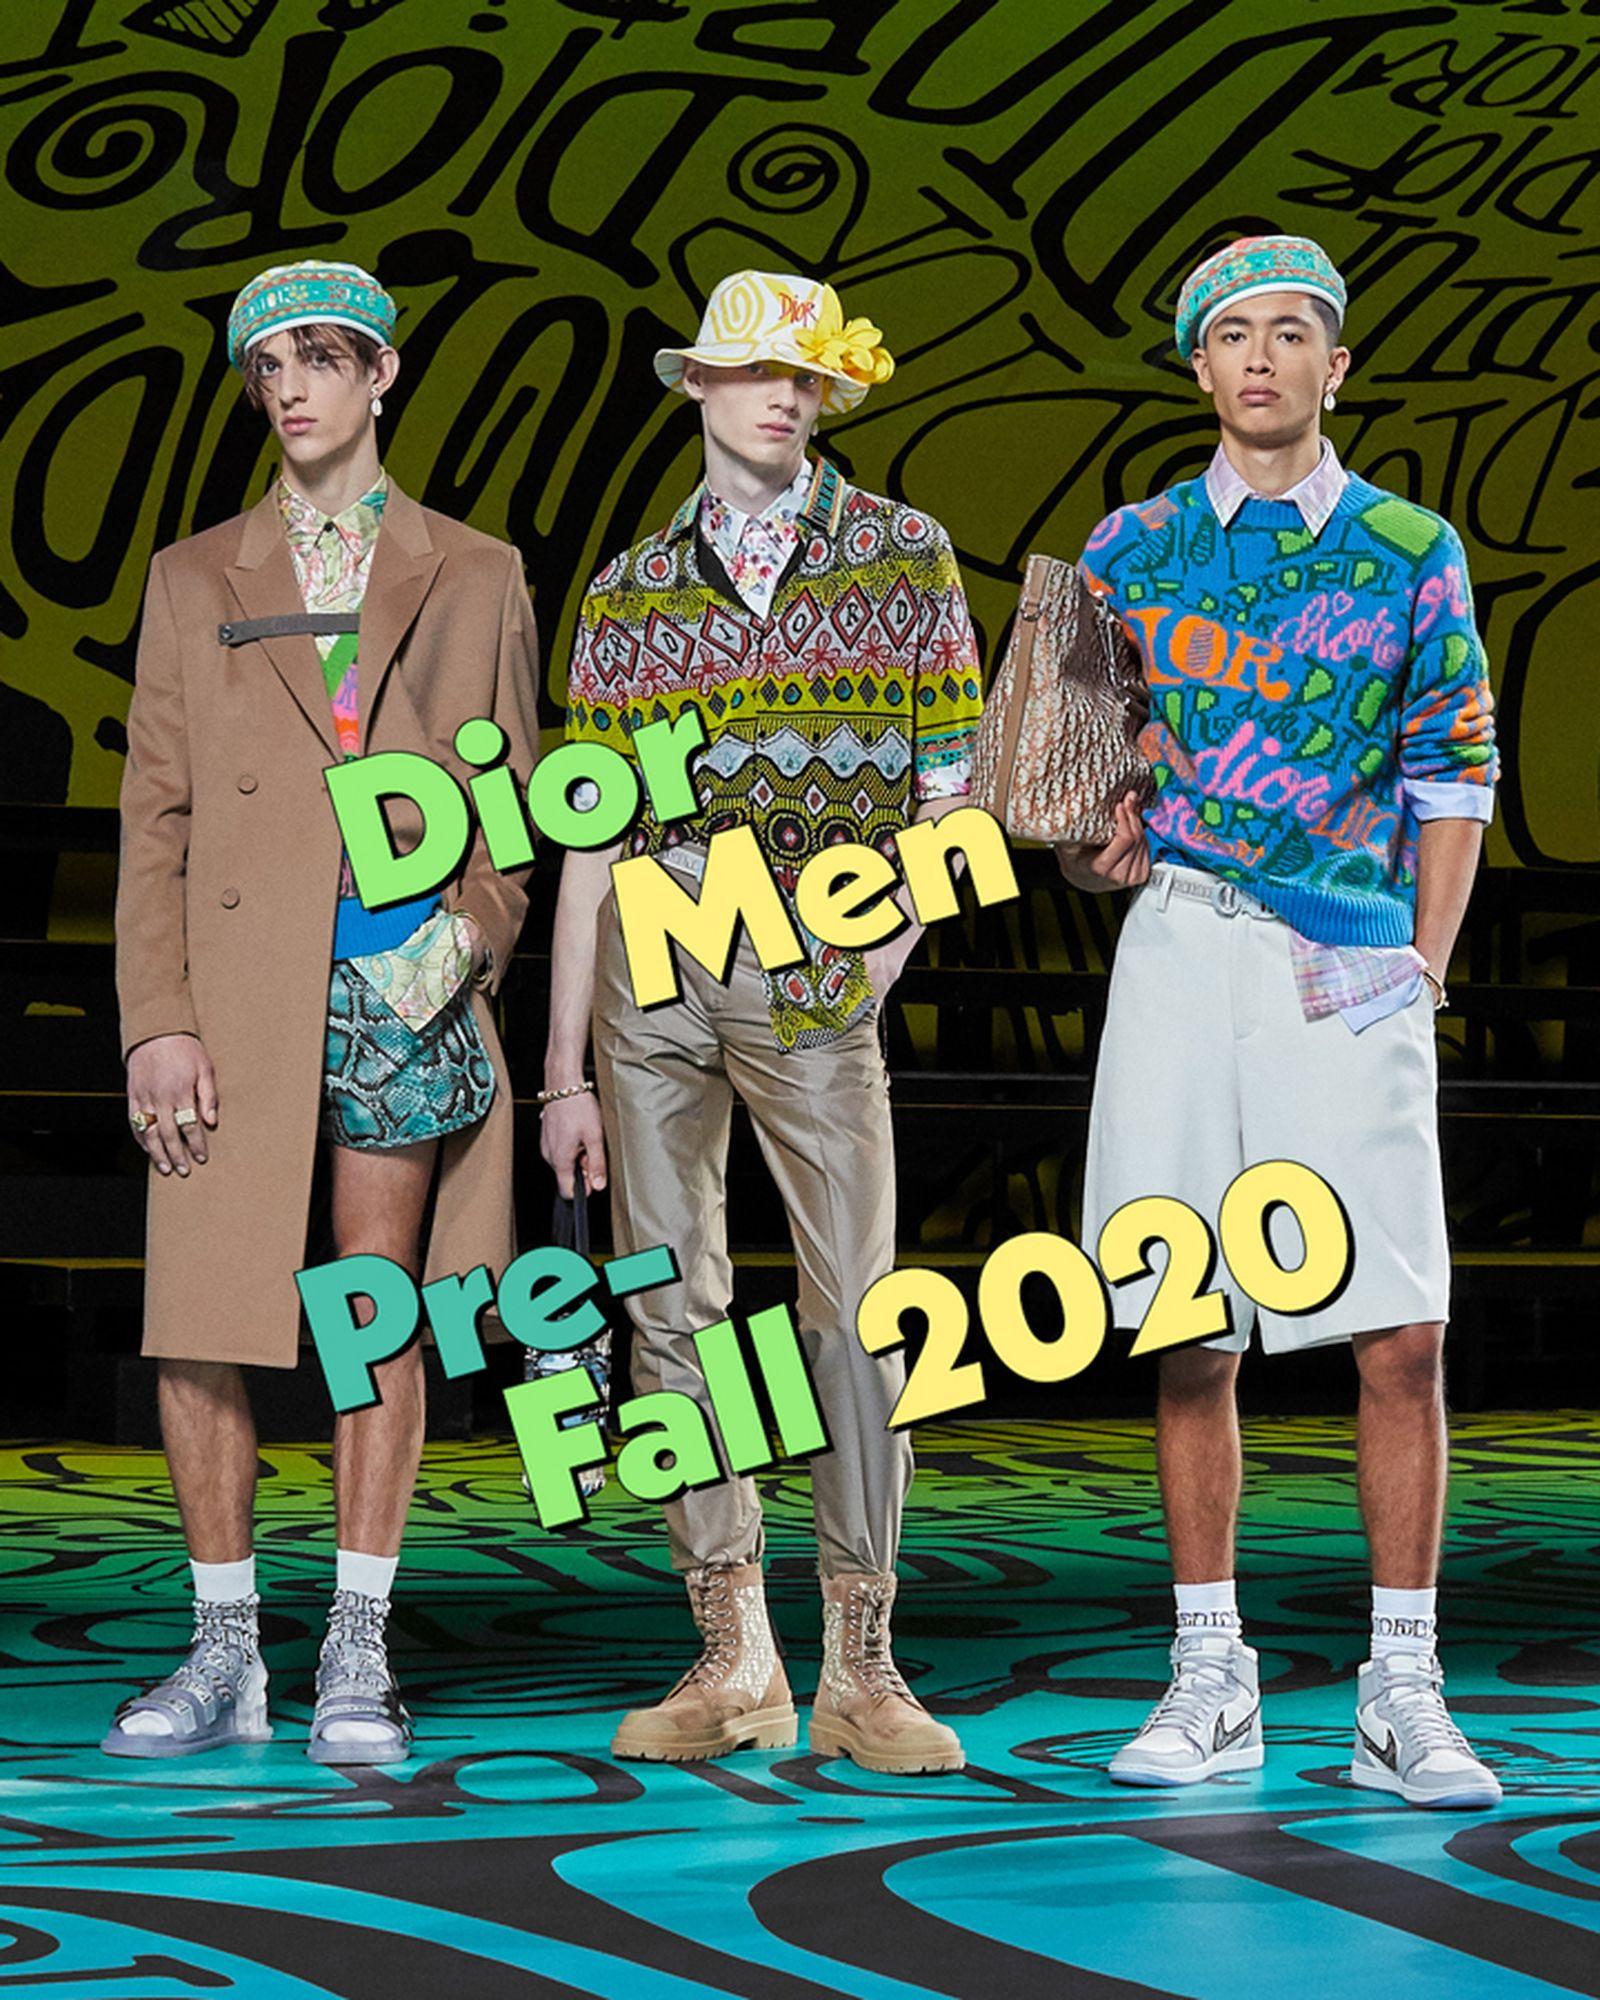 191204_ED_FP_Dior_2020_main